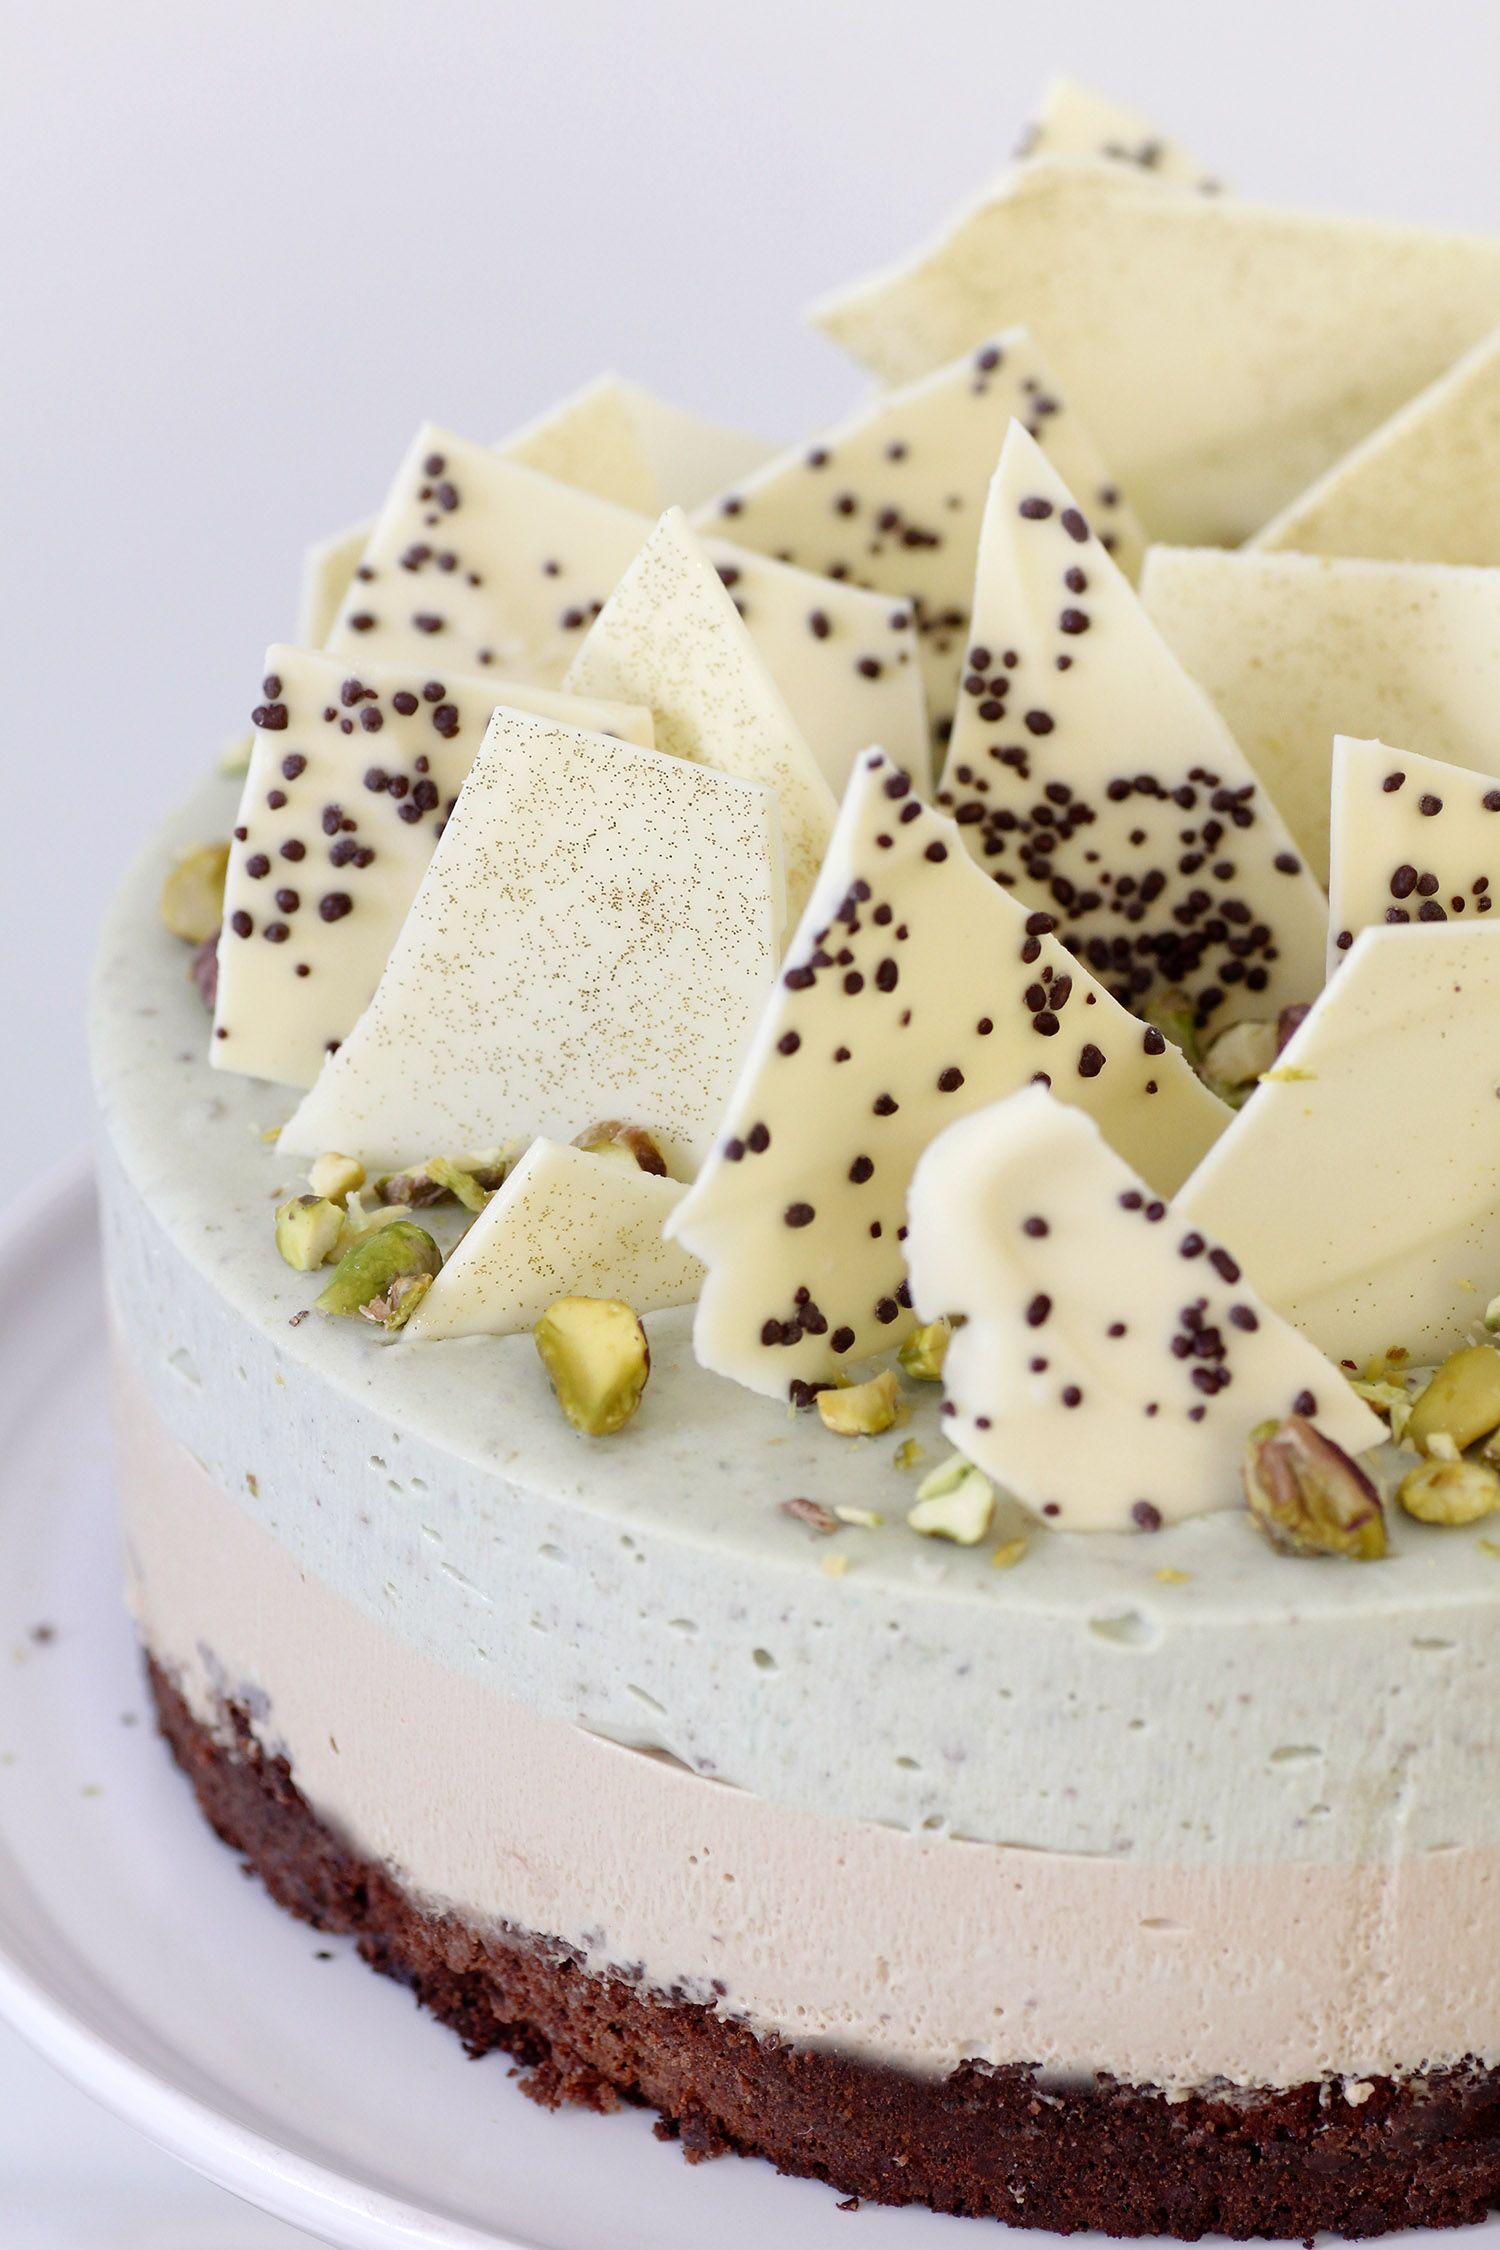 עוגת מוס פיסטוק וקפה על בסיס בראוניז